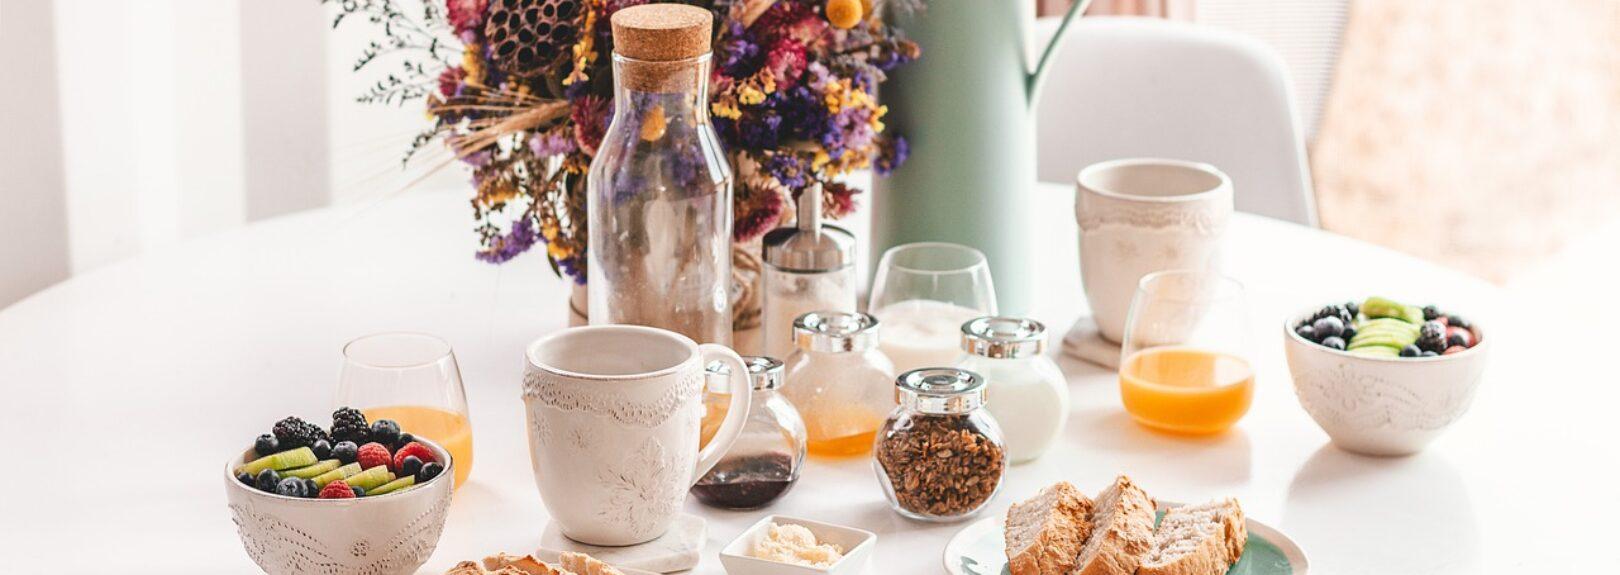 chutné a zdravé raňajky